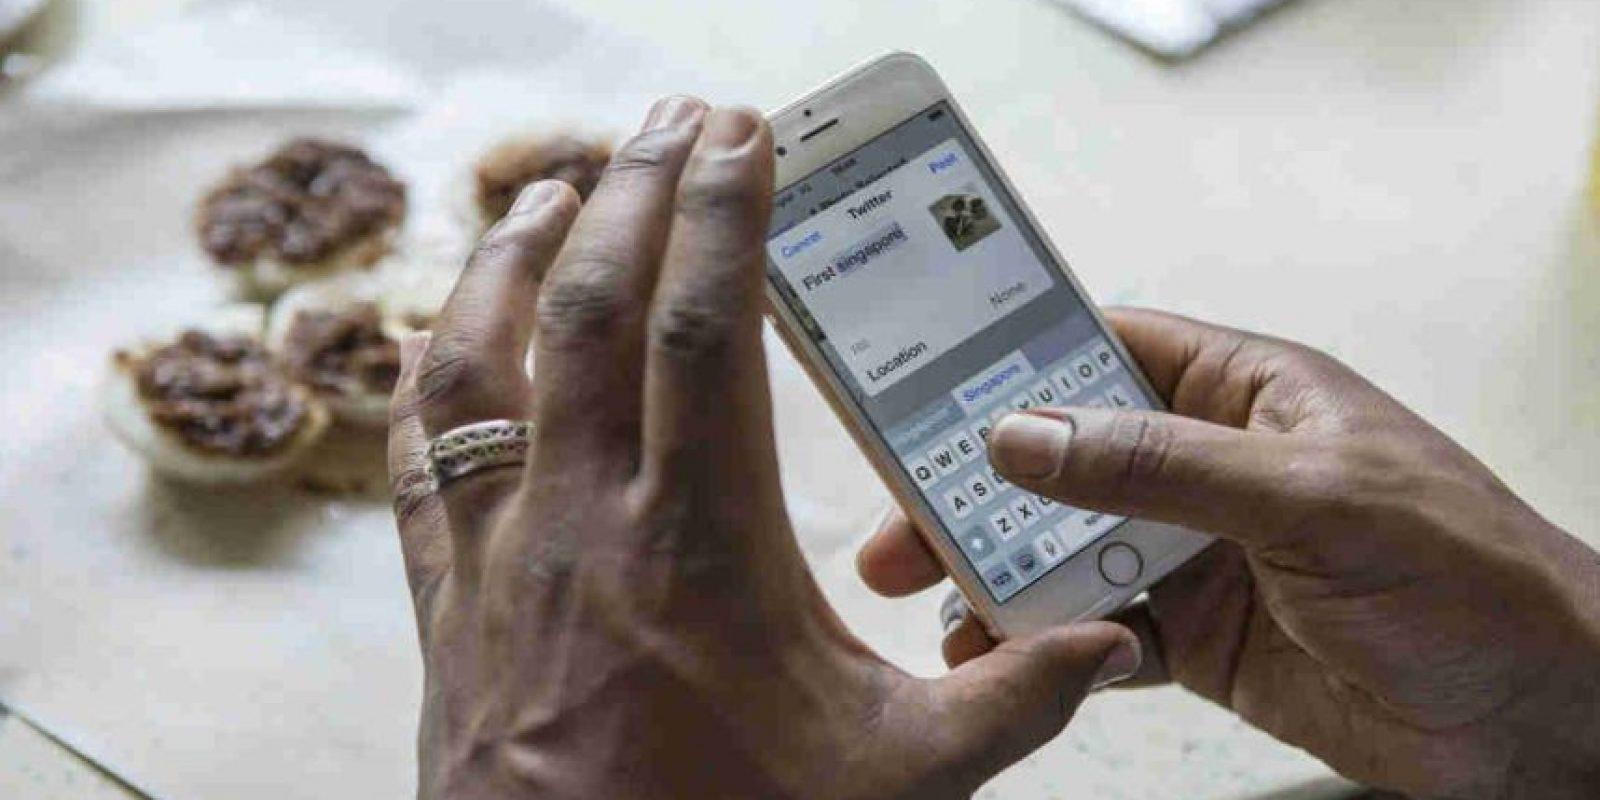 La adicción a las redes sociales puede crear adicción y tristeza. Foto:Getty Images